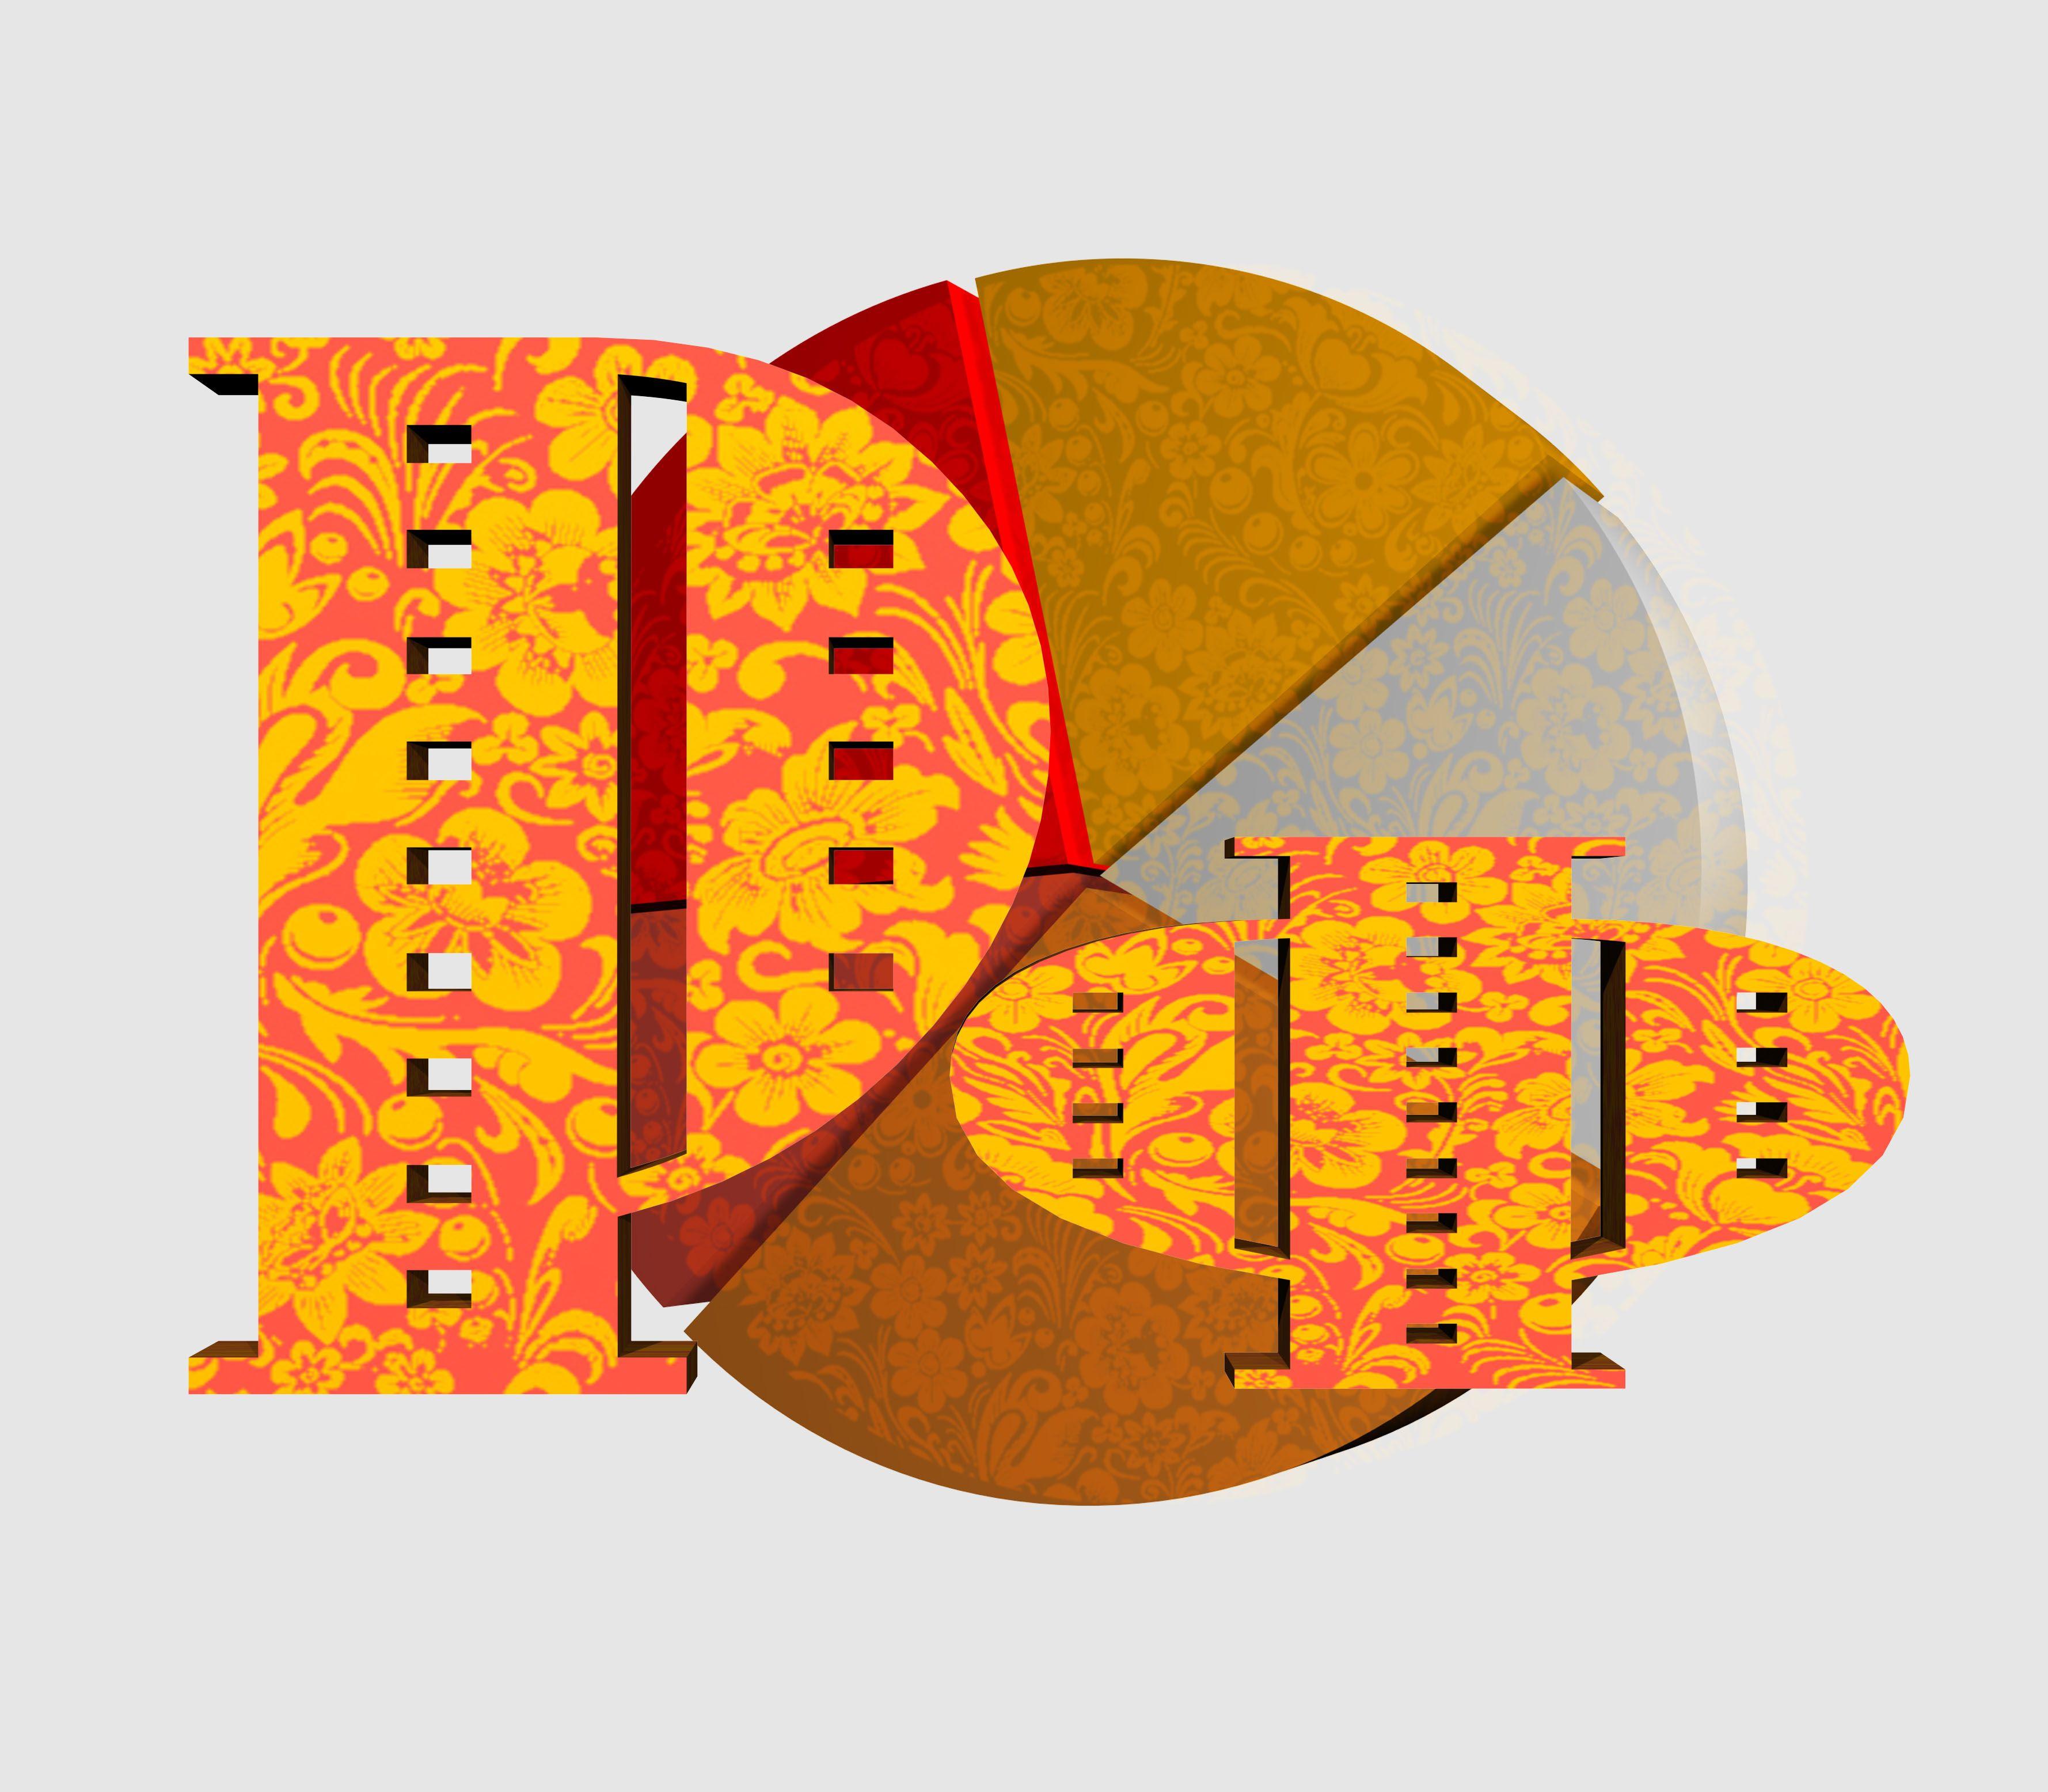 Логотип для Русфинанс - дизайнер Vizor0112